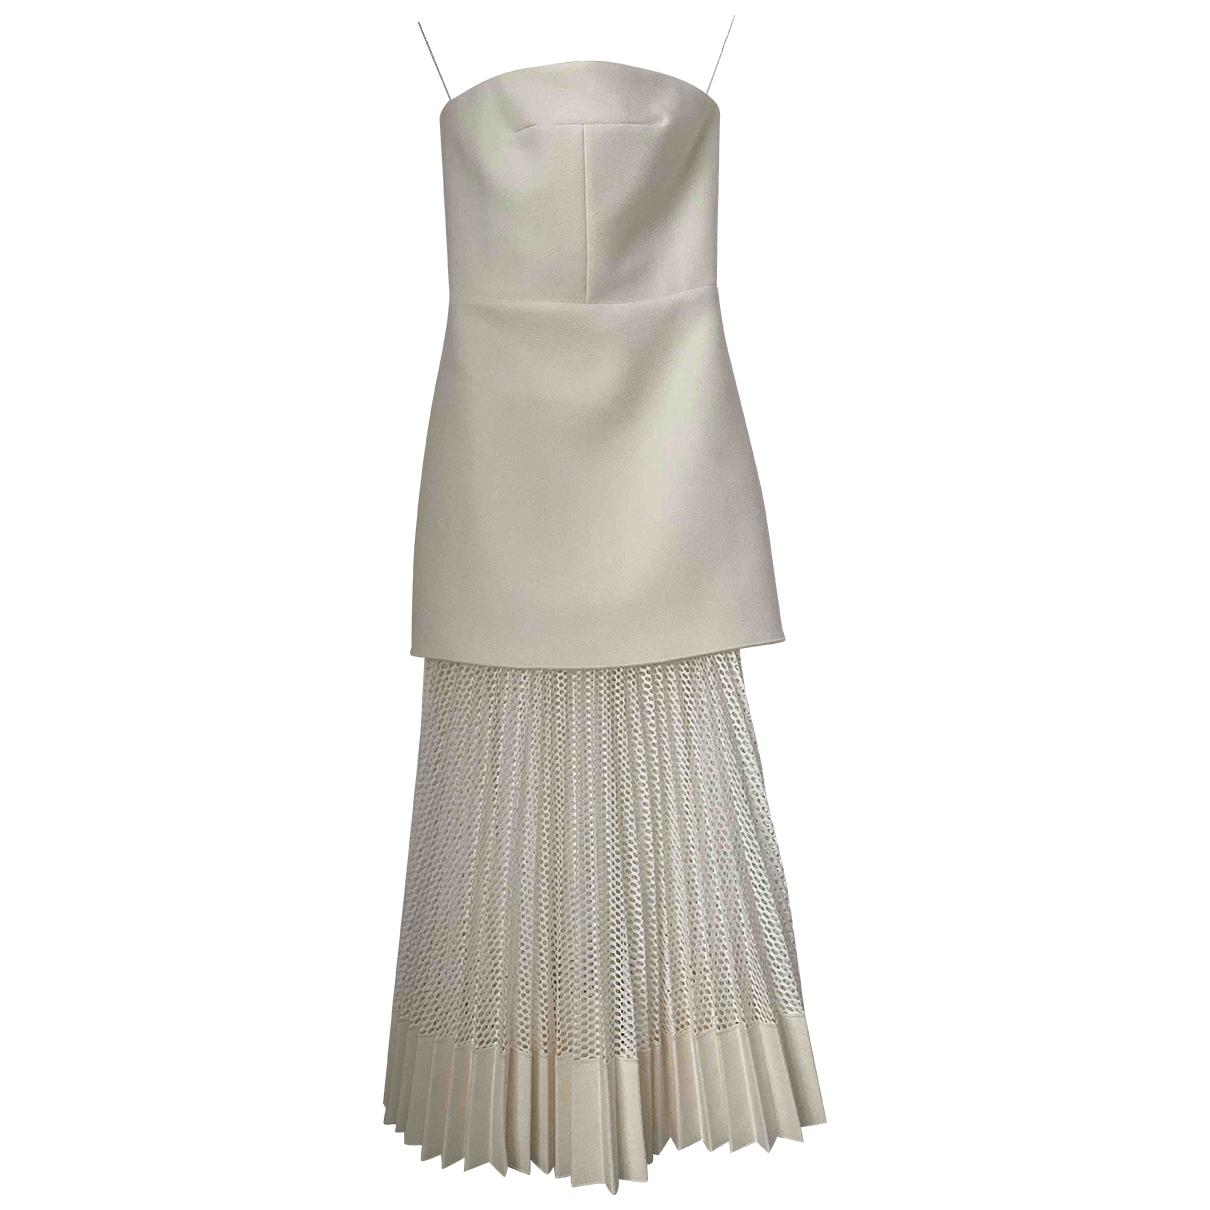 Dion Lee \N Kleid in  Weiss Polyester